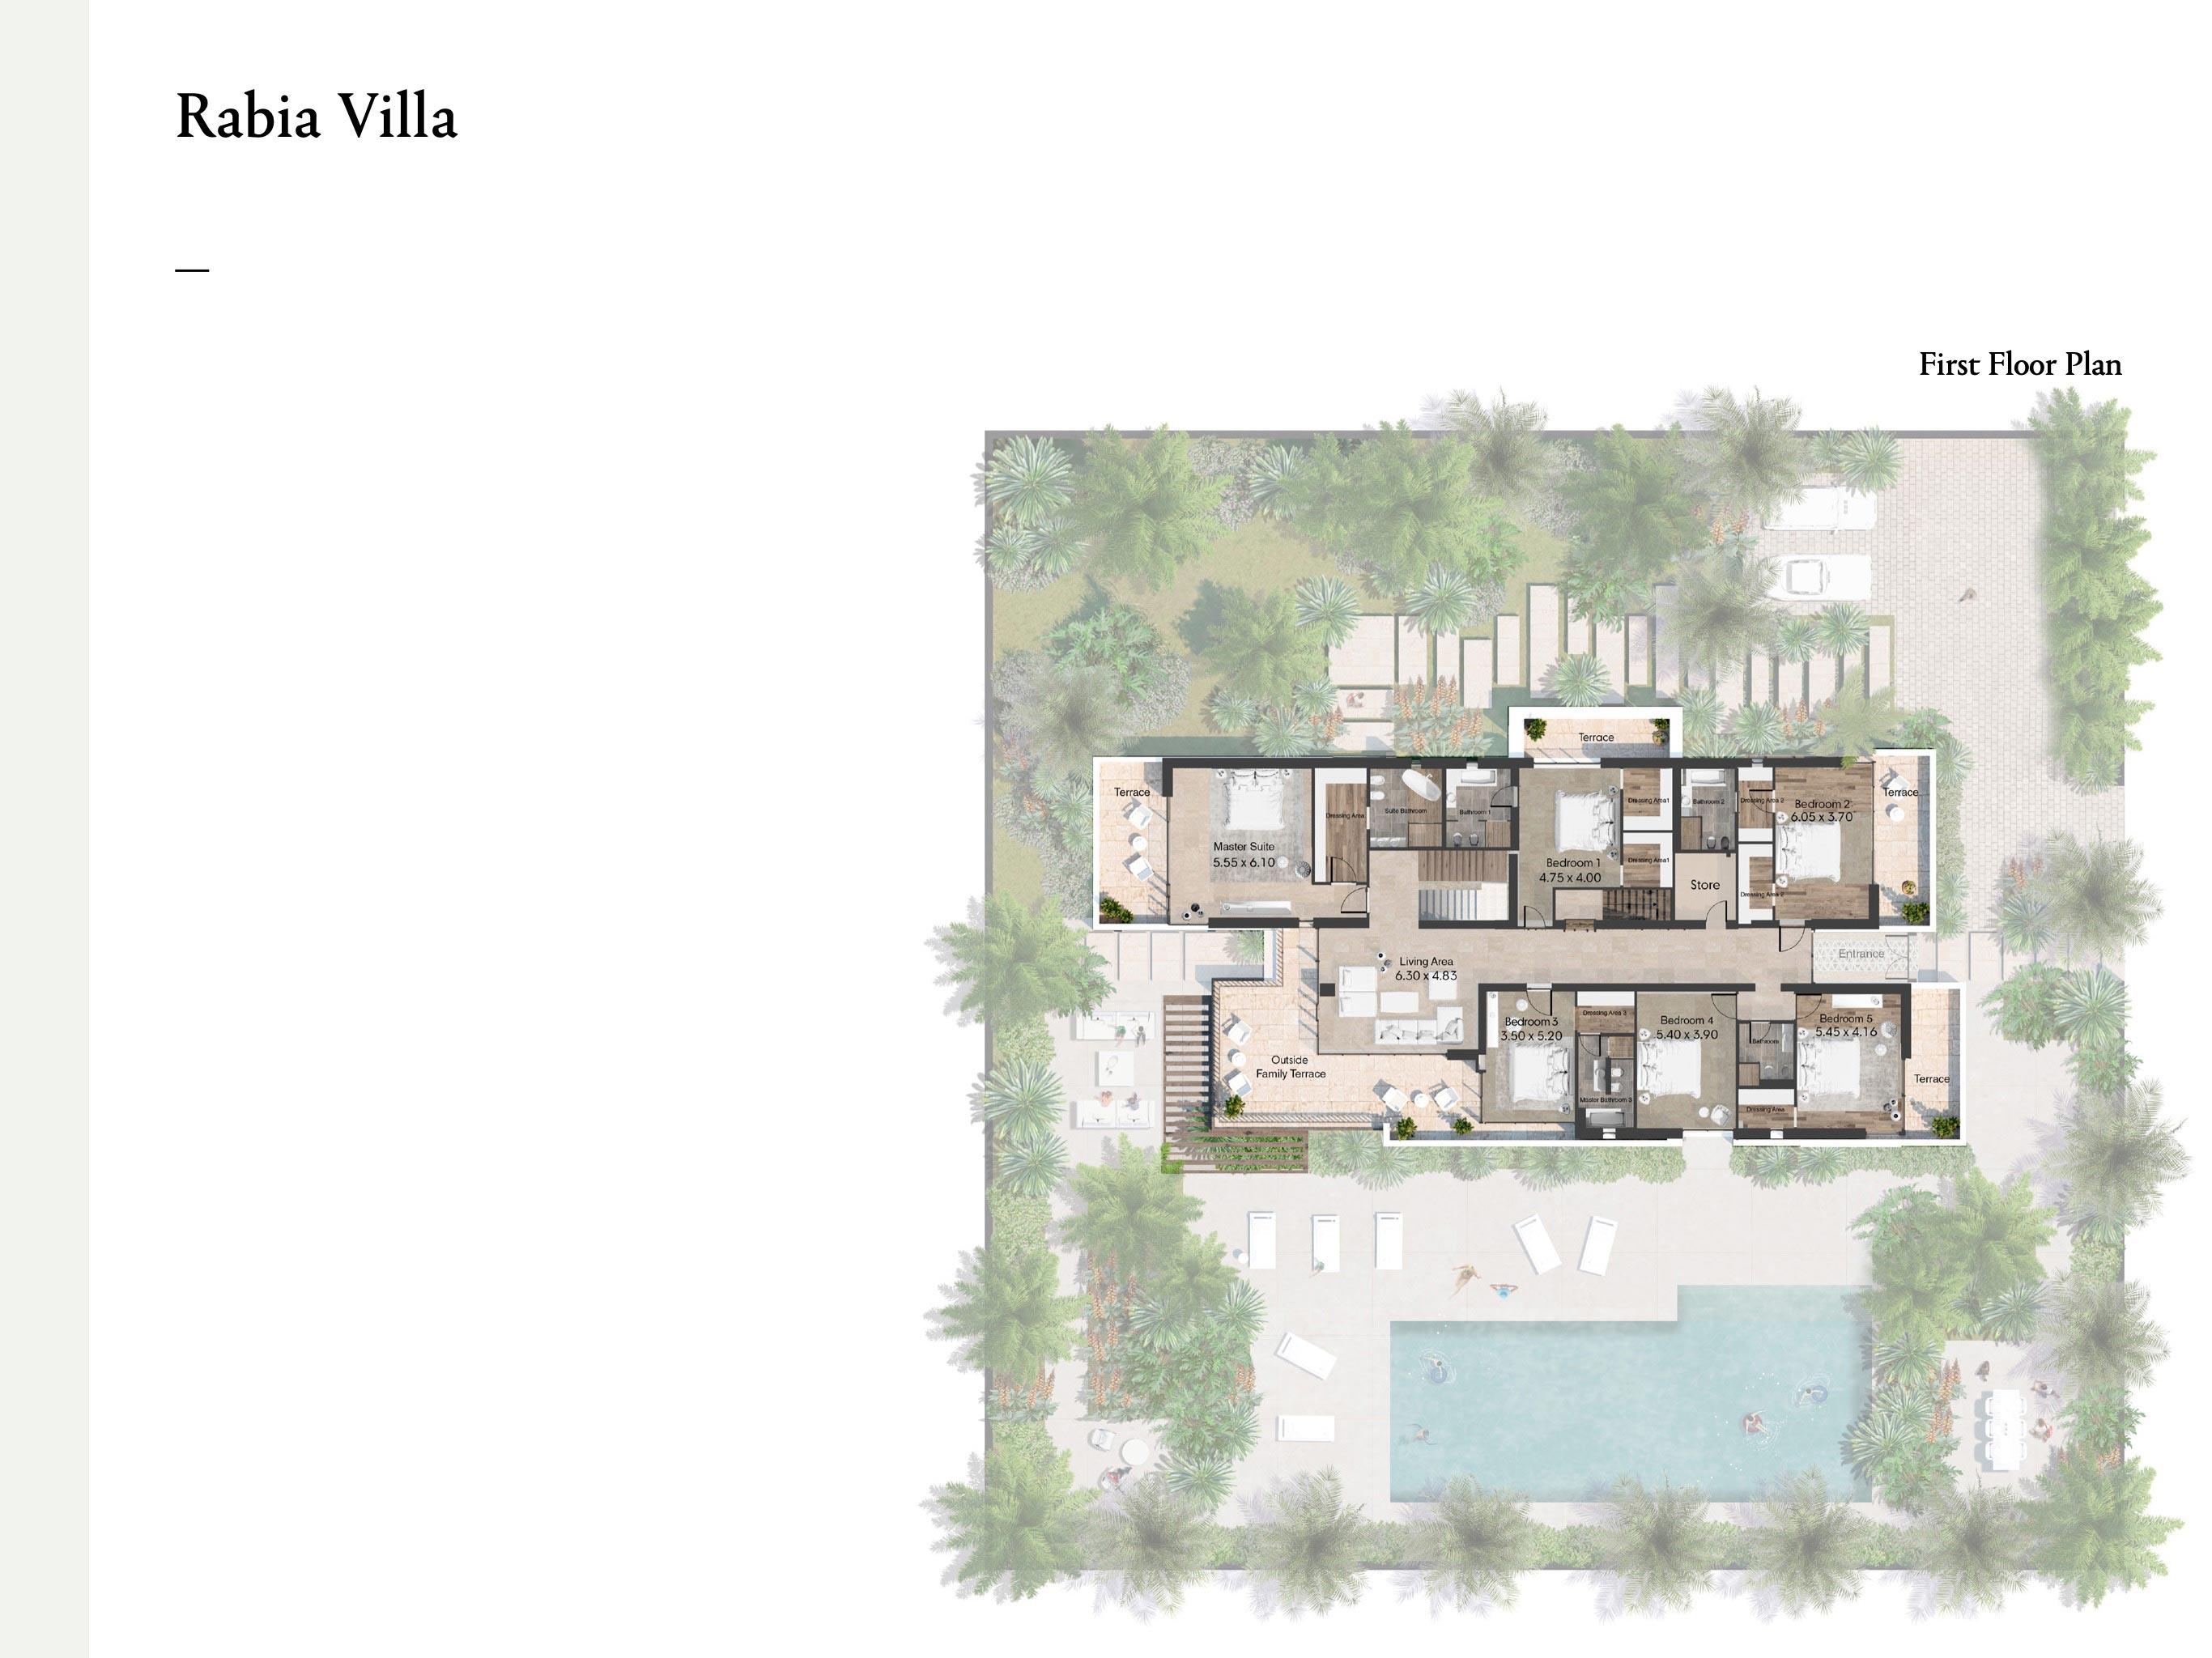 7 Bedroom Rabia Villas Size 1126 sqm